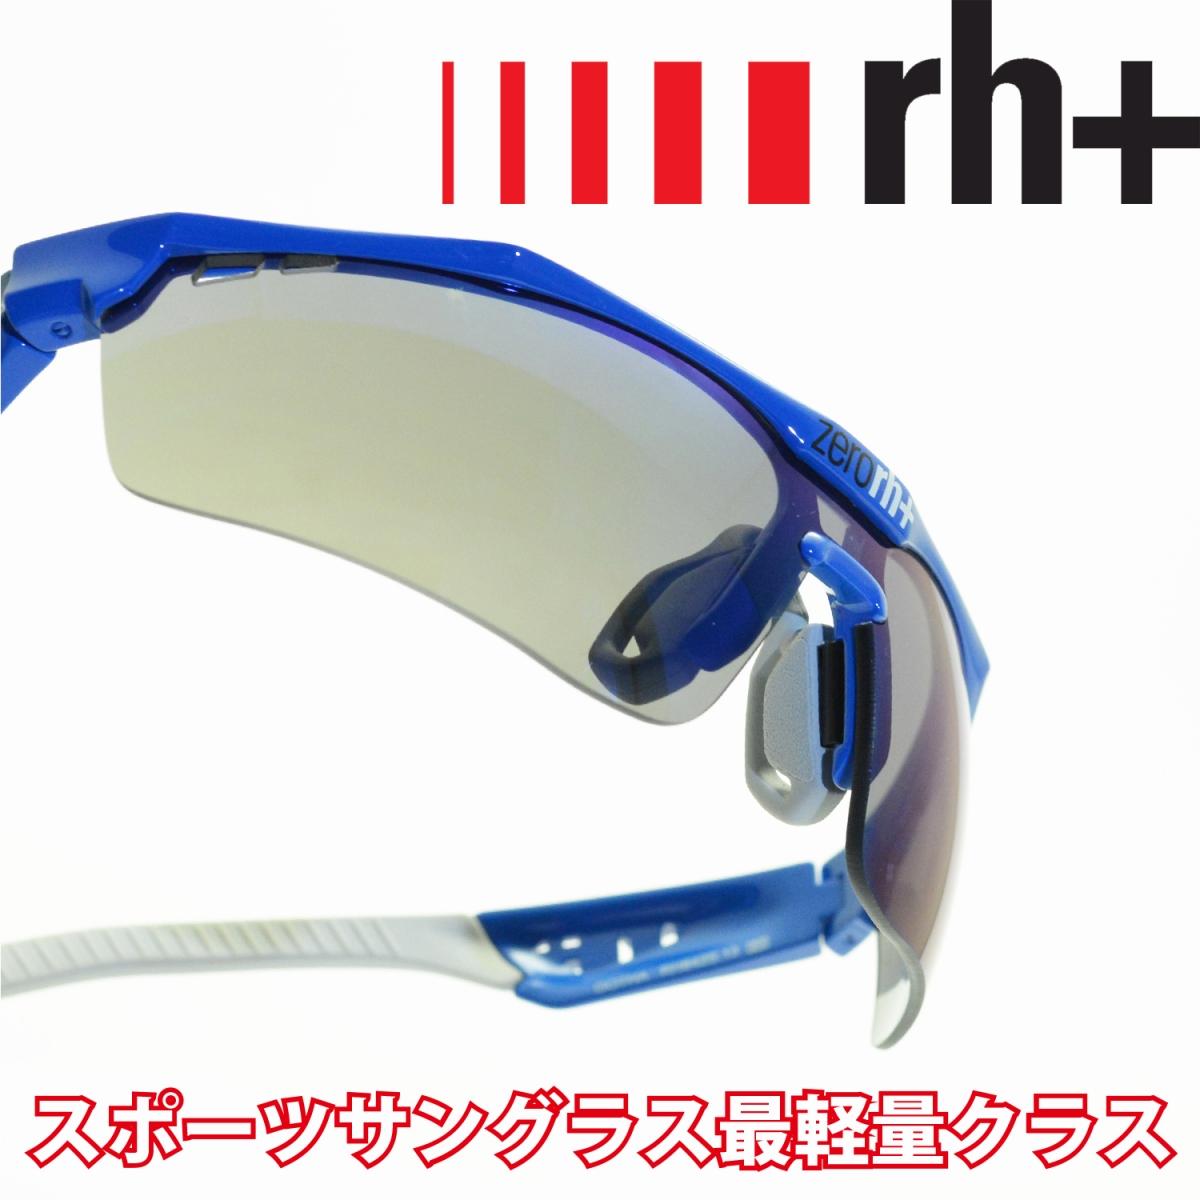 rh+ アールエイチプラス GOTHA RH842S13メガネ 眼鏡 めがね メンズ レディース おしゃれ ブランド 人気 おすすめ フレーム 流行り 度付き レンズ サングラス スポーツ